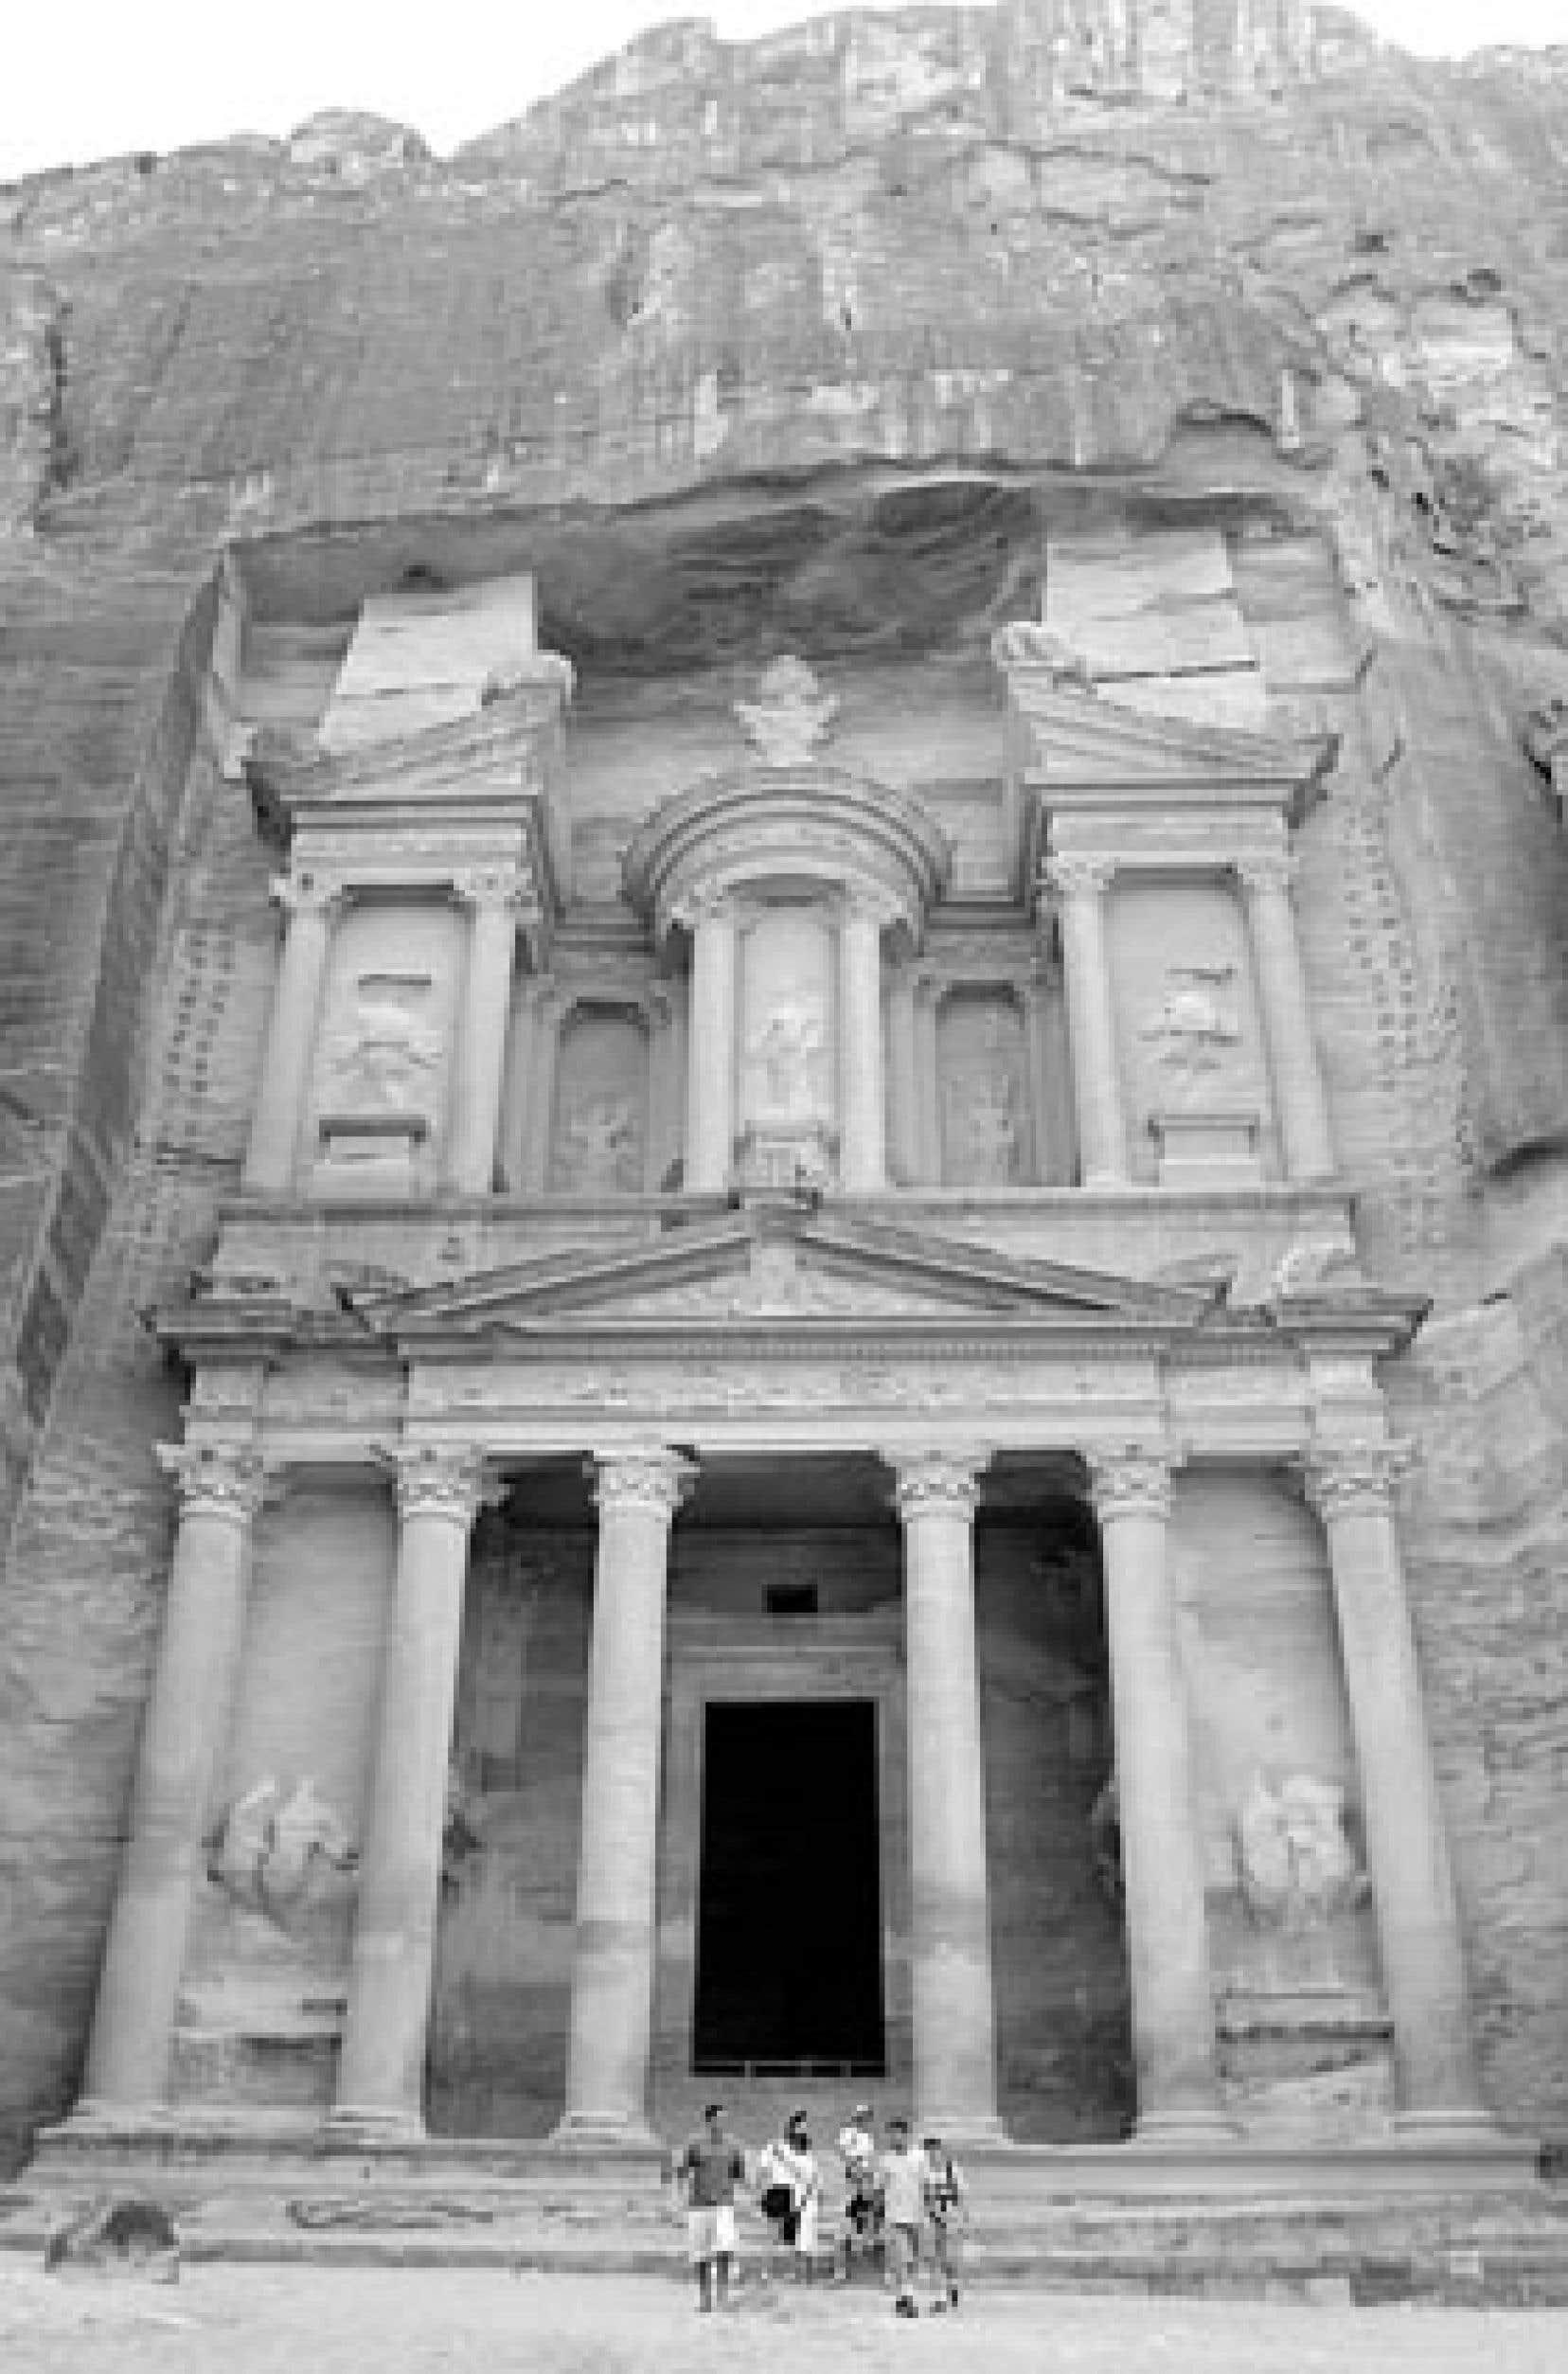 En Jordanie, le tombeau de Khaznah, d'une hauteur de 40 mètres est le monument le plus célèbre de Pétra. Son architecture a été sculptée à même la roche par les nomades nabétiens.